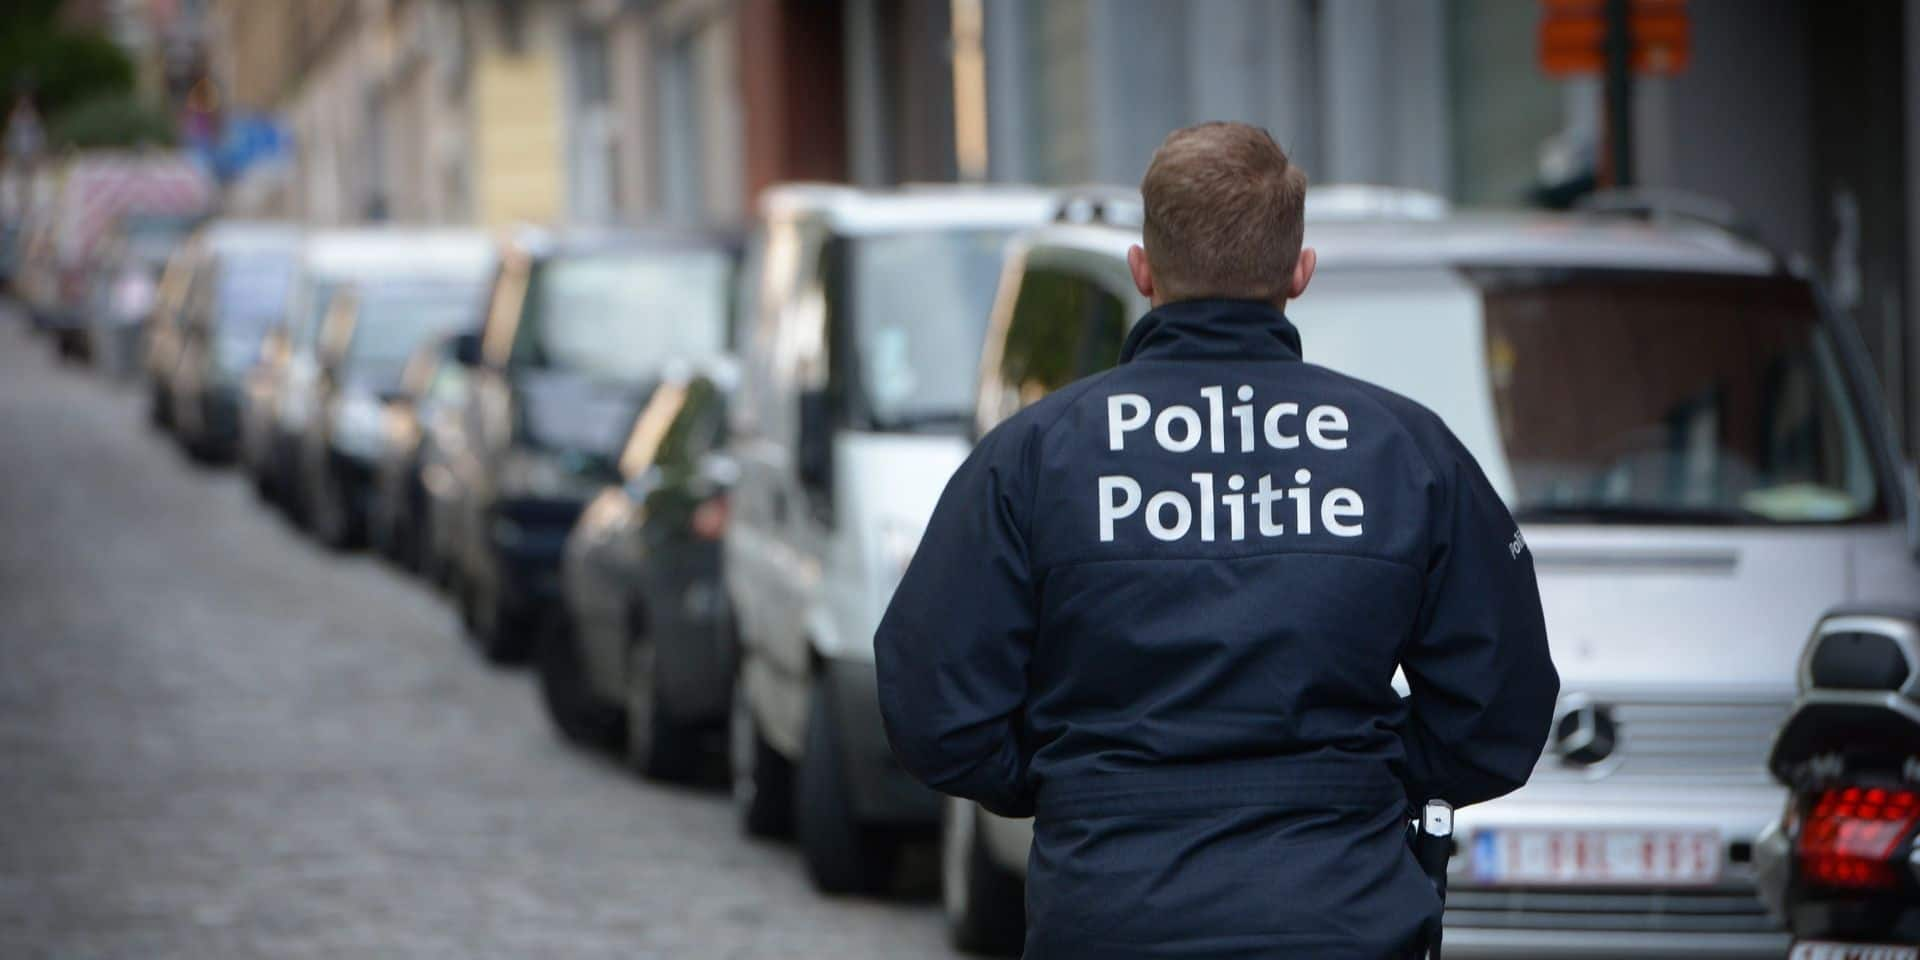 Incident à caractère raciste à Ninove: A. Verlinden explique sans convaincre les députés